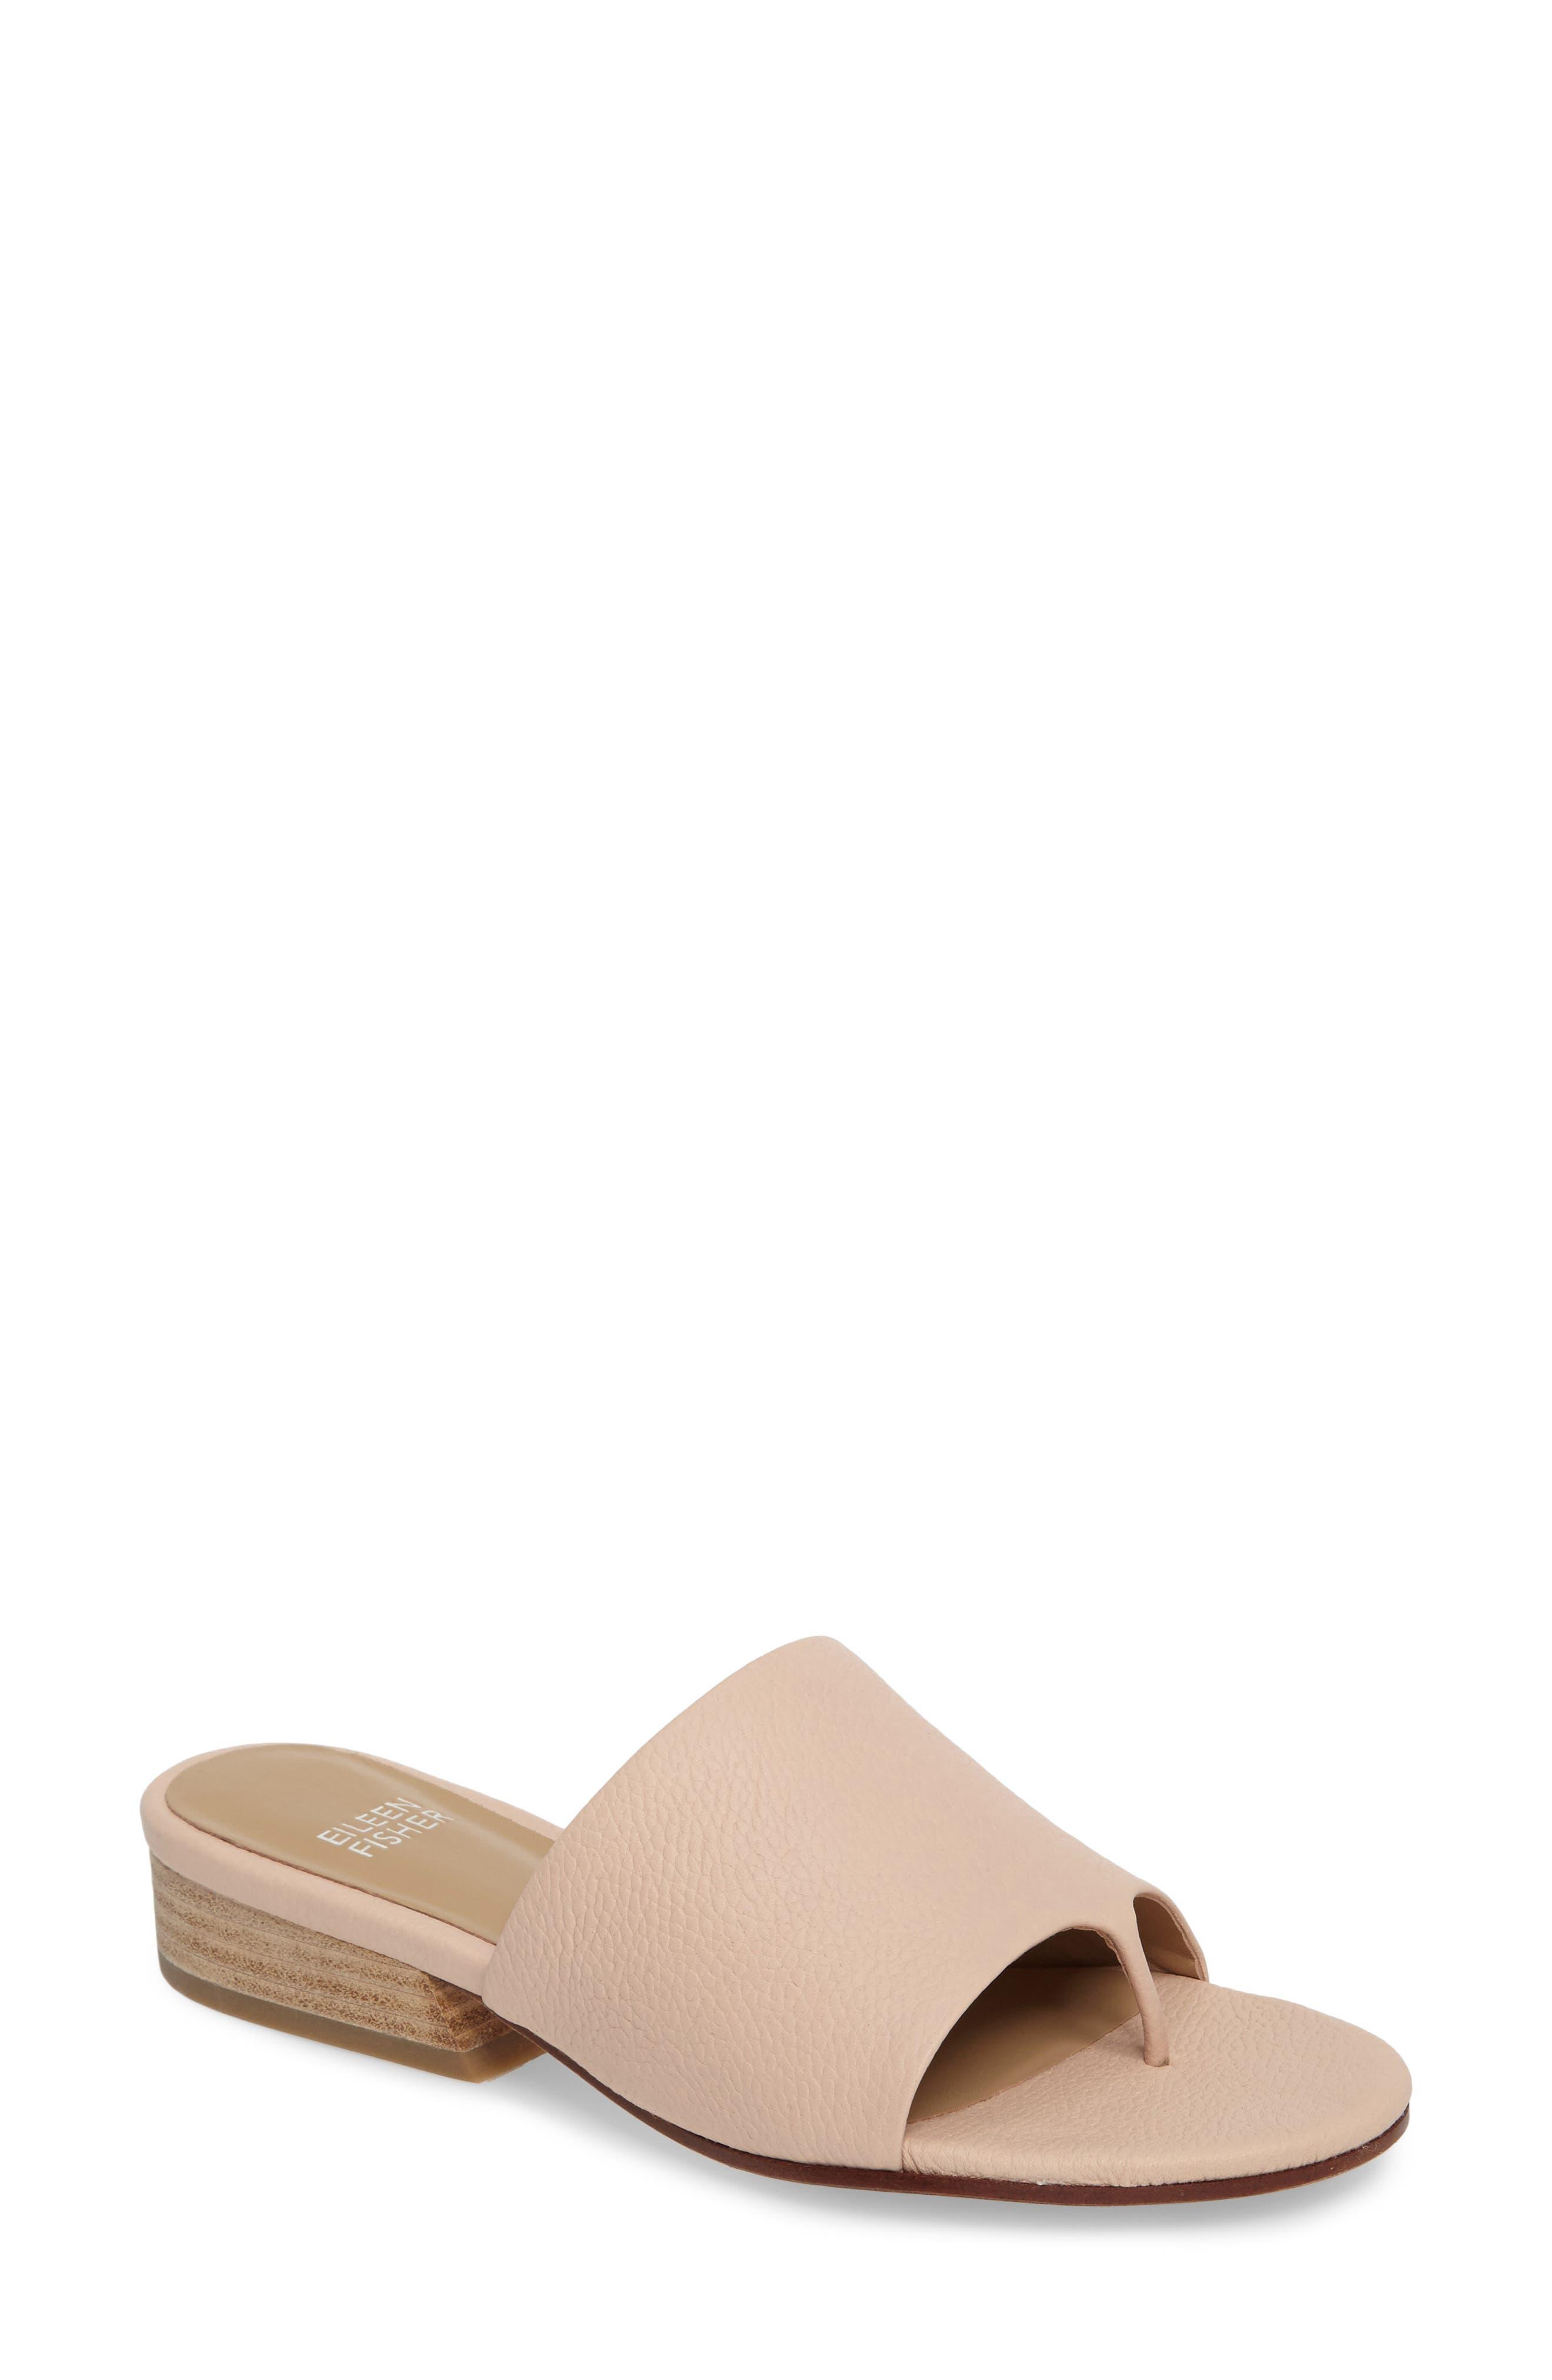 Alternate Image 1 Selected - Eileen Fisher Beal Slide Sandal (Women)